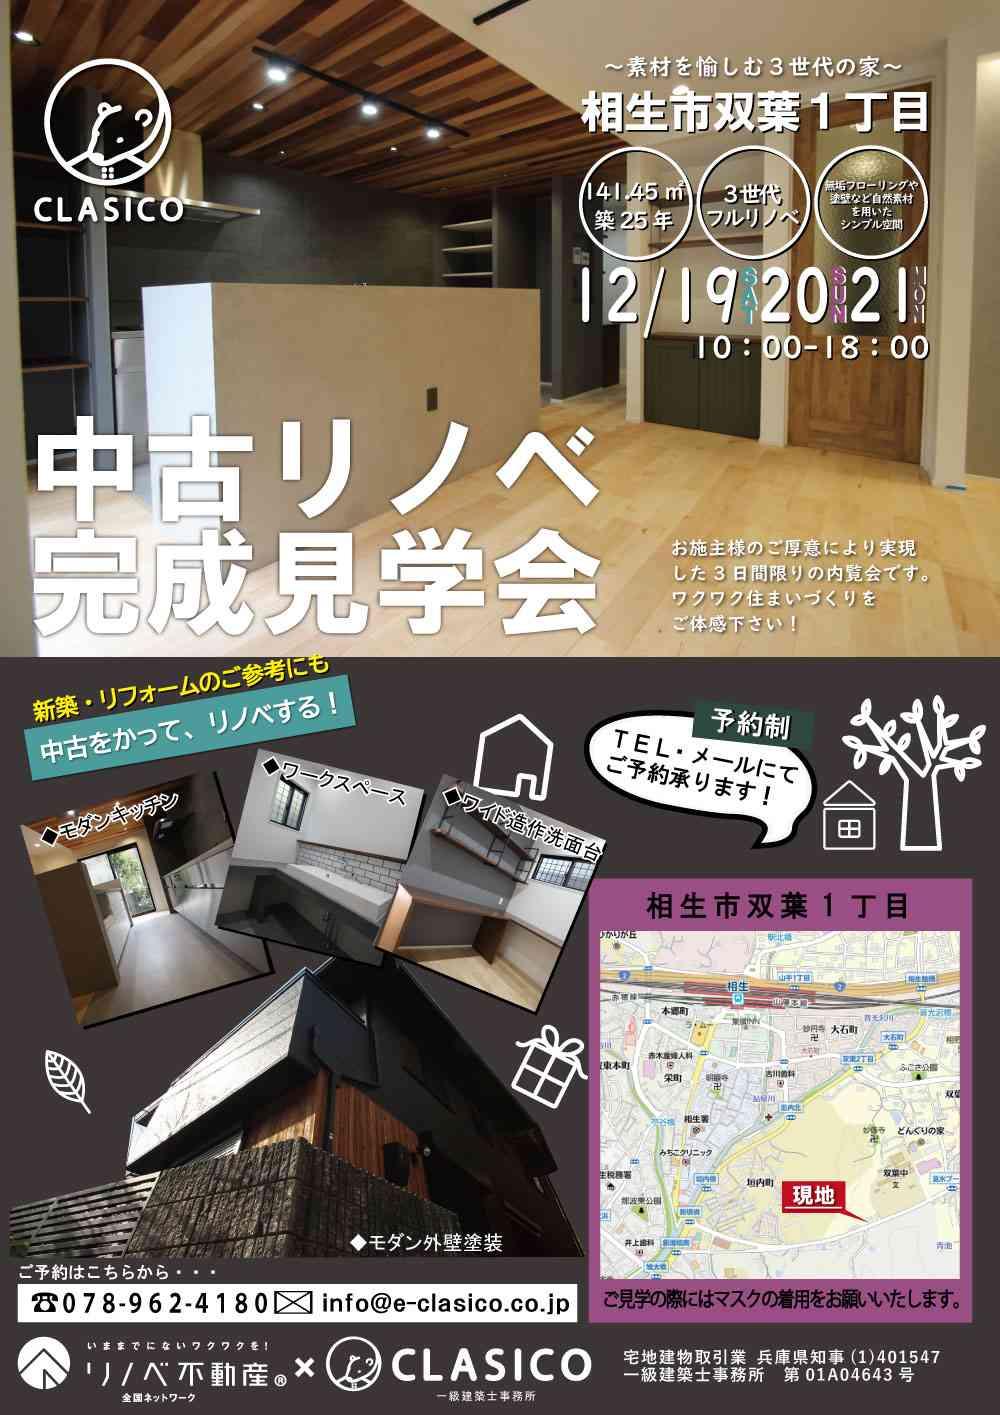 戸建リノベーション完成見学会 ~素材を愉しむ3世代の家~